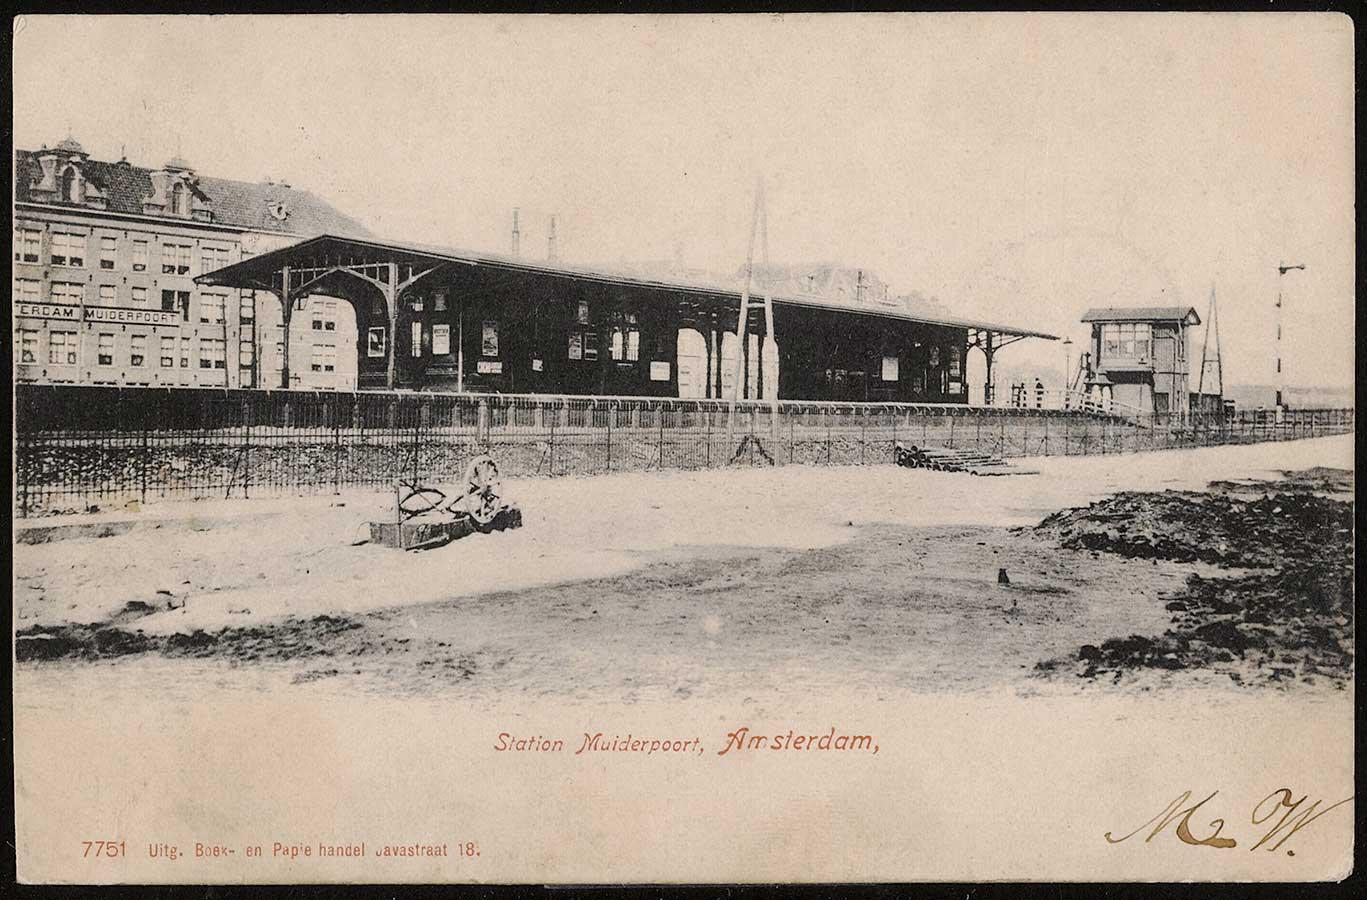 Het oude Muiderpoortstation met op voorgrond braakliggend terrein en links op de achtergrond gevels aan de Pontanusstraat.